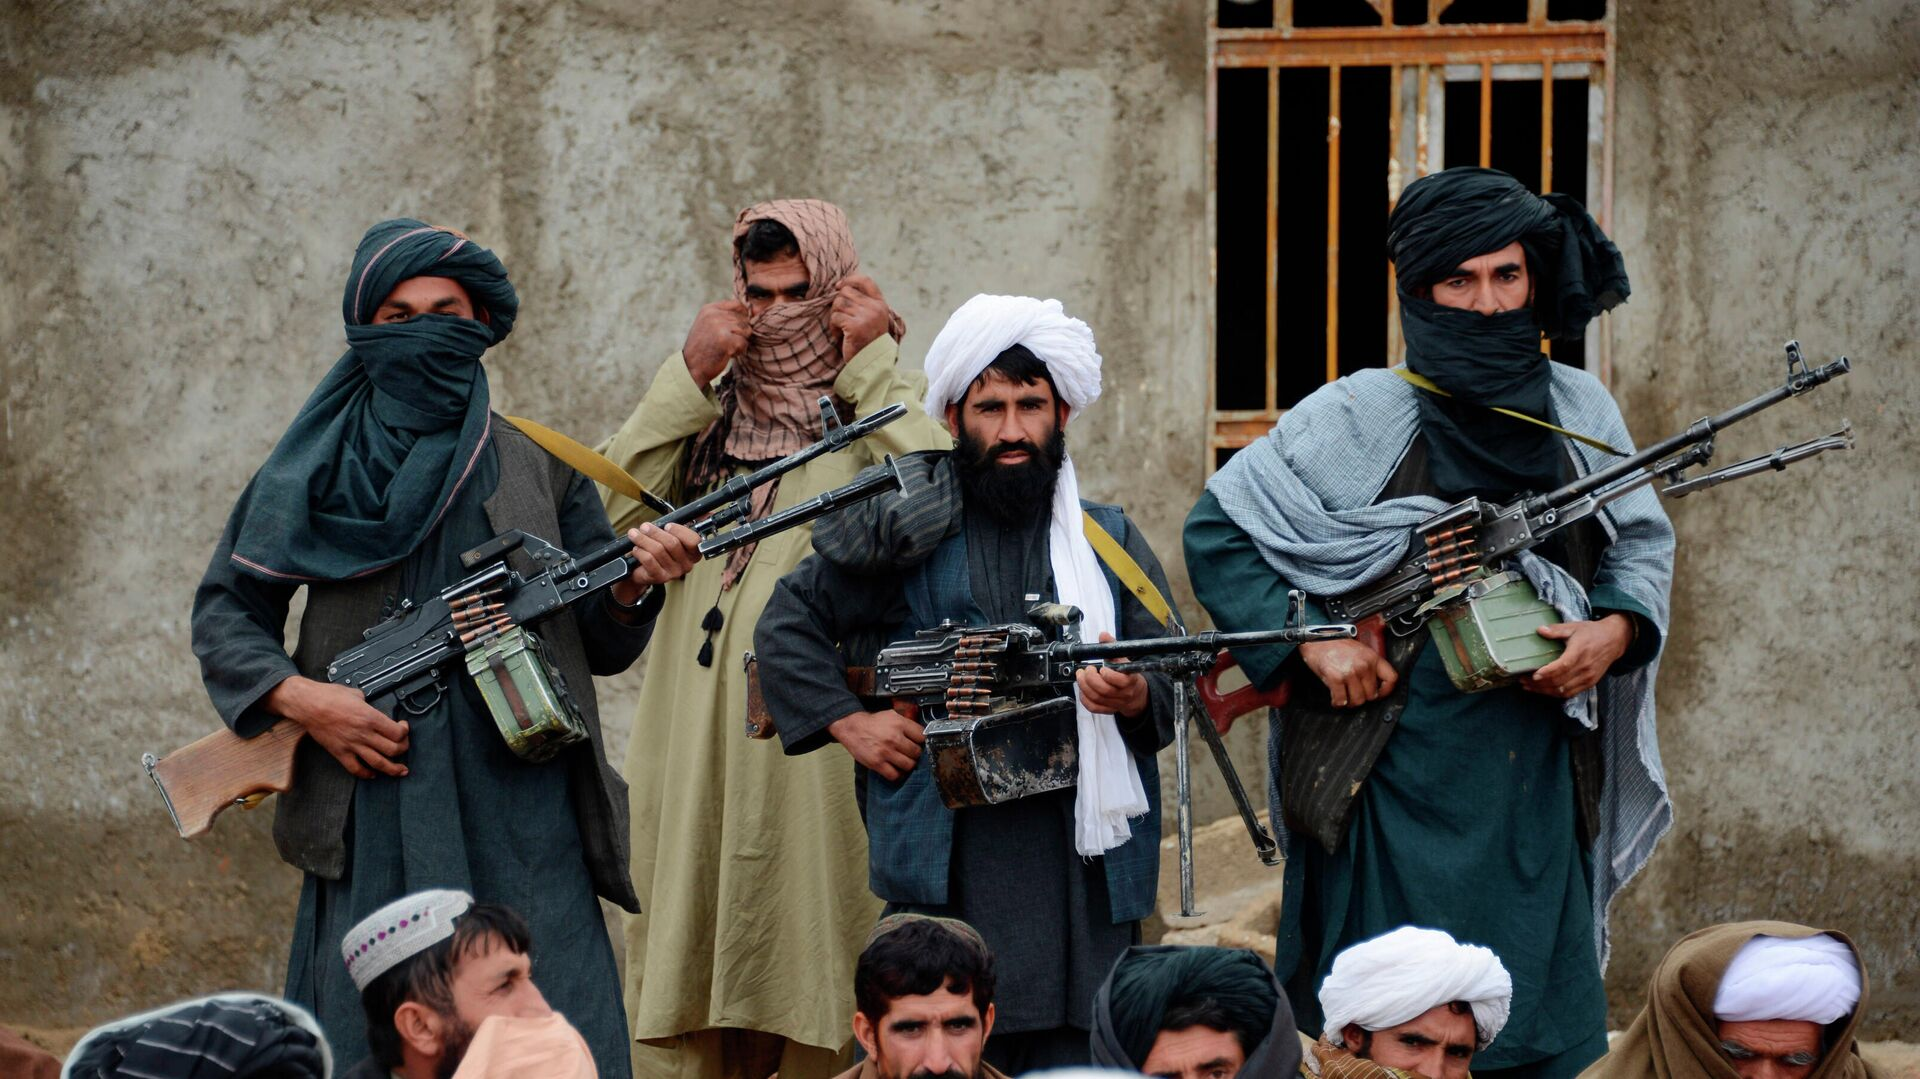 Боевики радикального движения Талибан* в Афганистане - РИА Новости, 1920, 10.07.2021